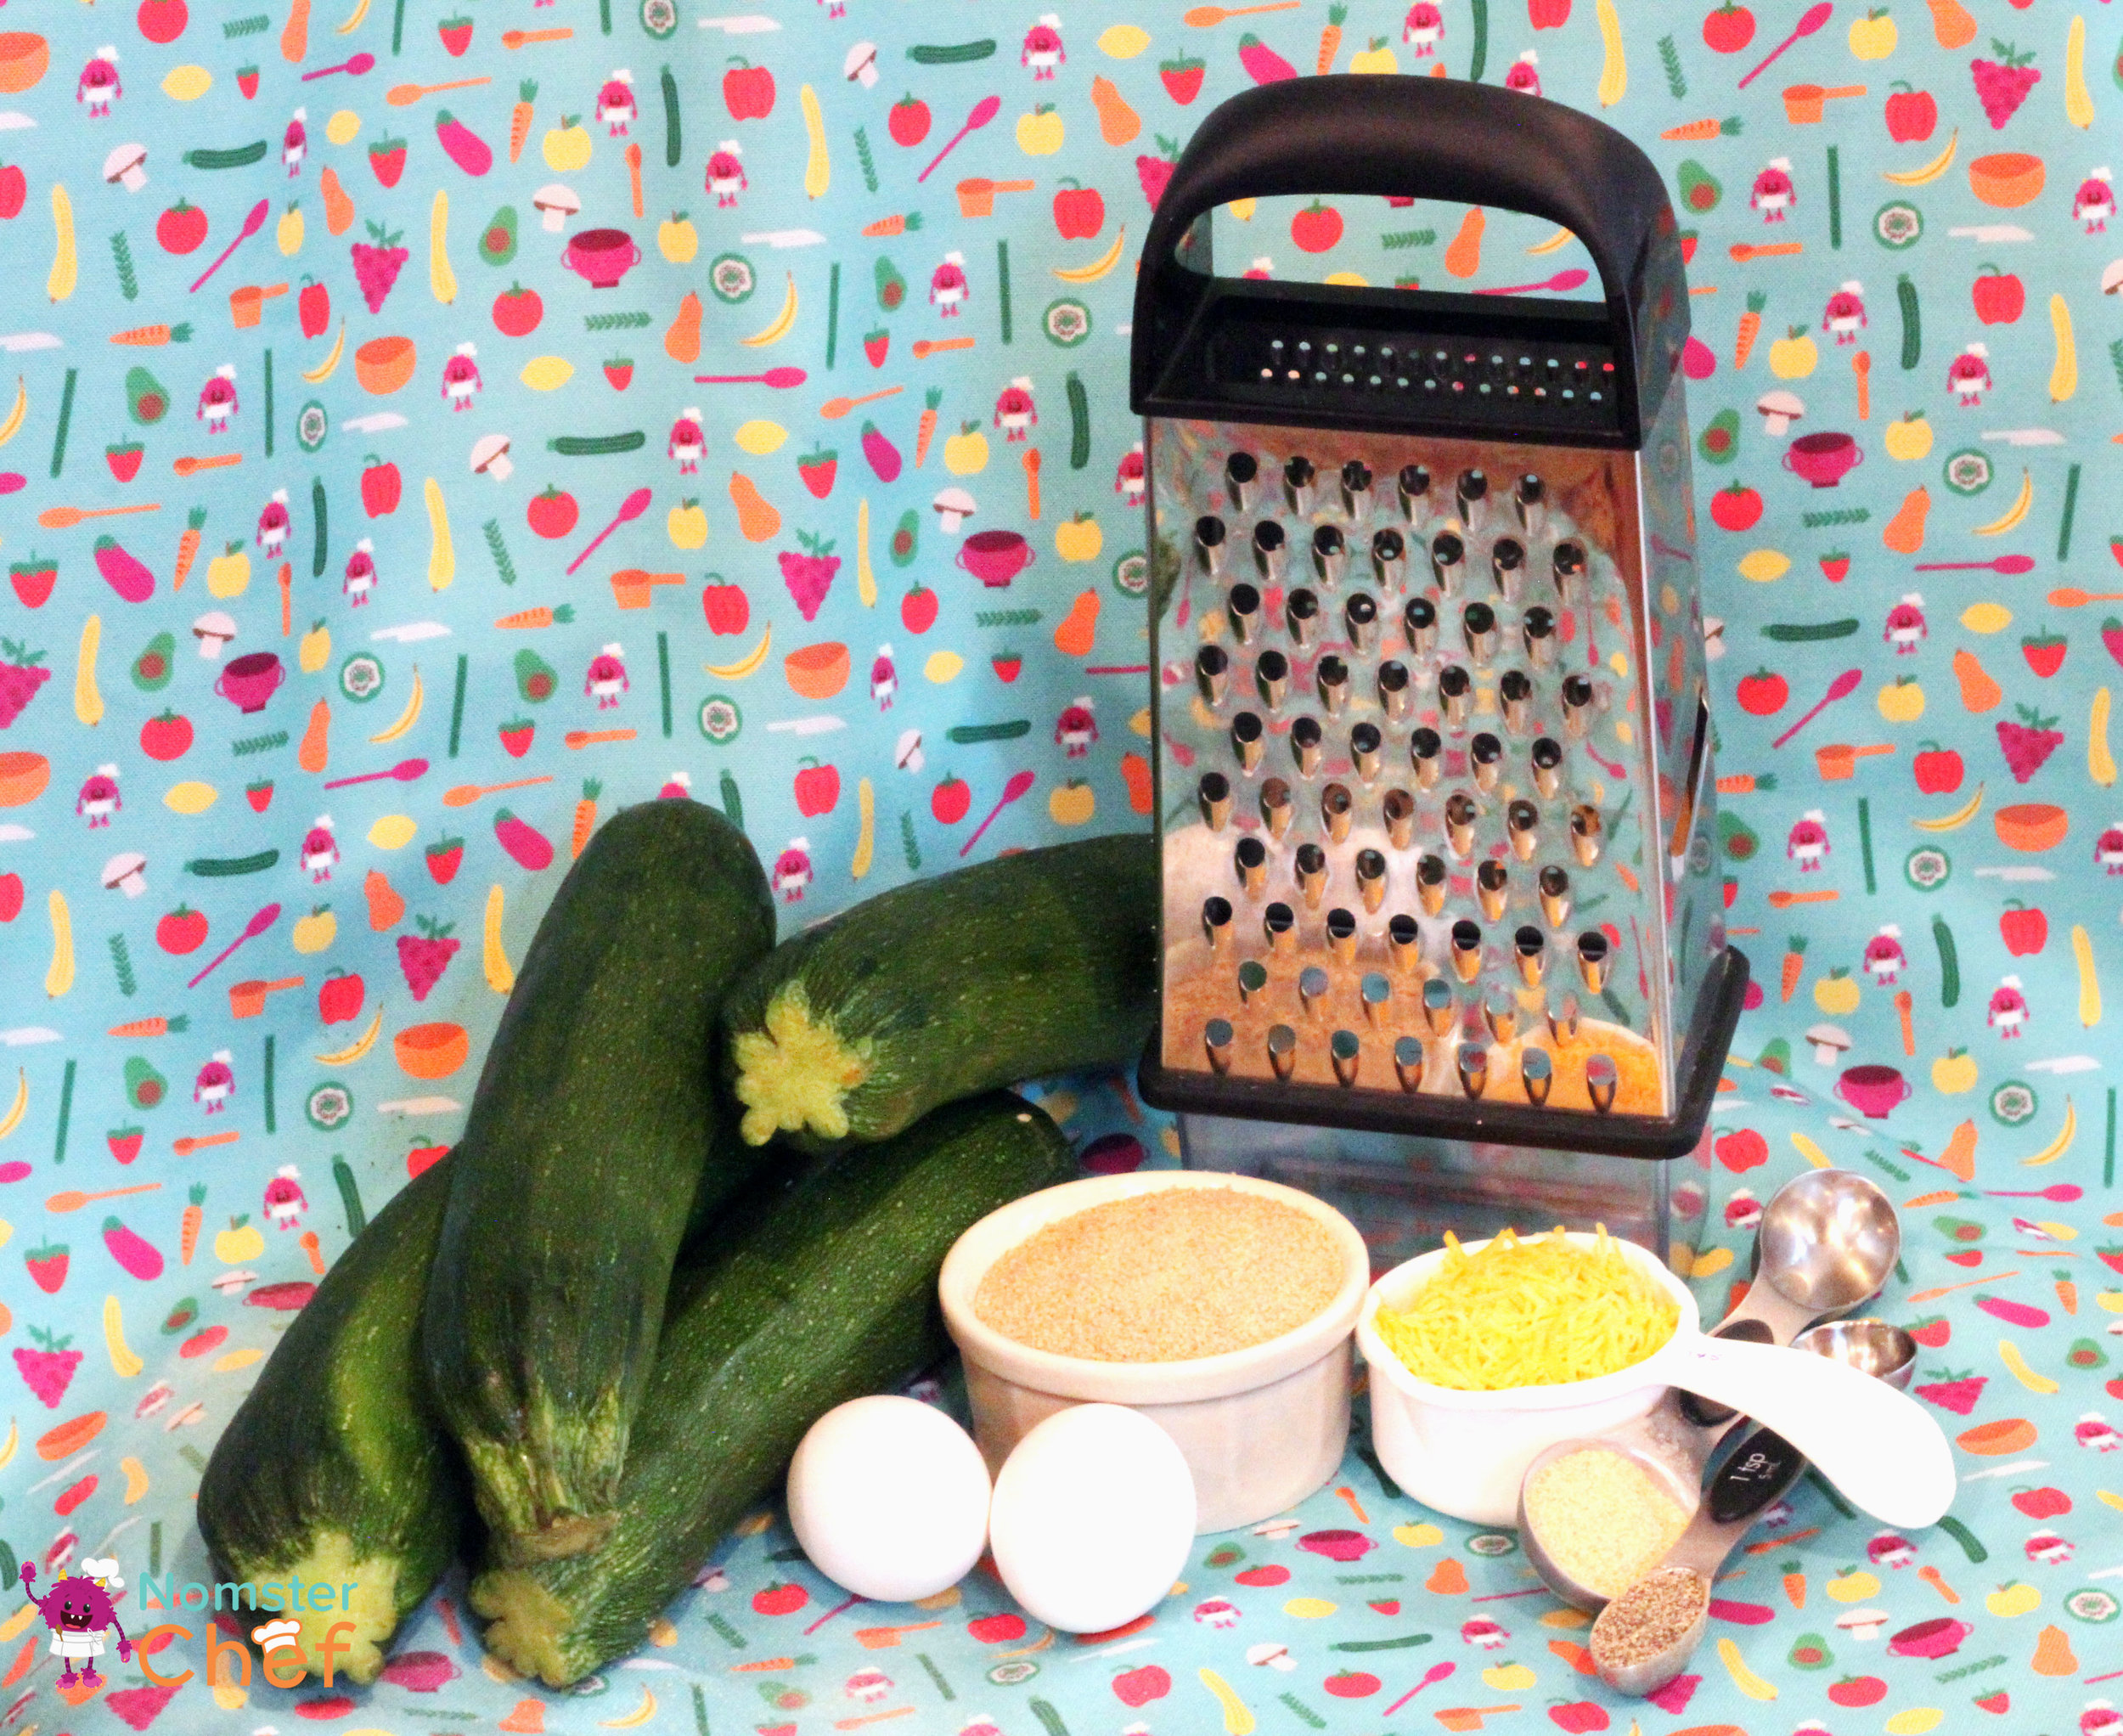 grating-ingredients-watermark.jpg